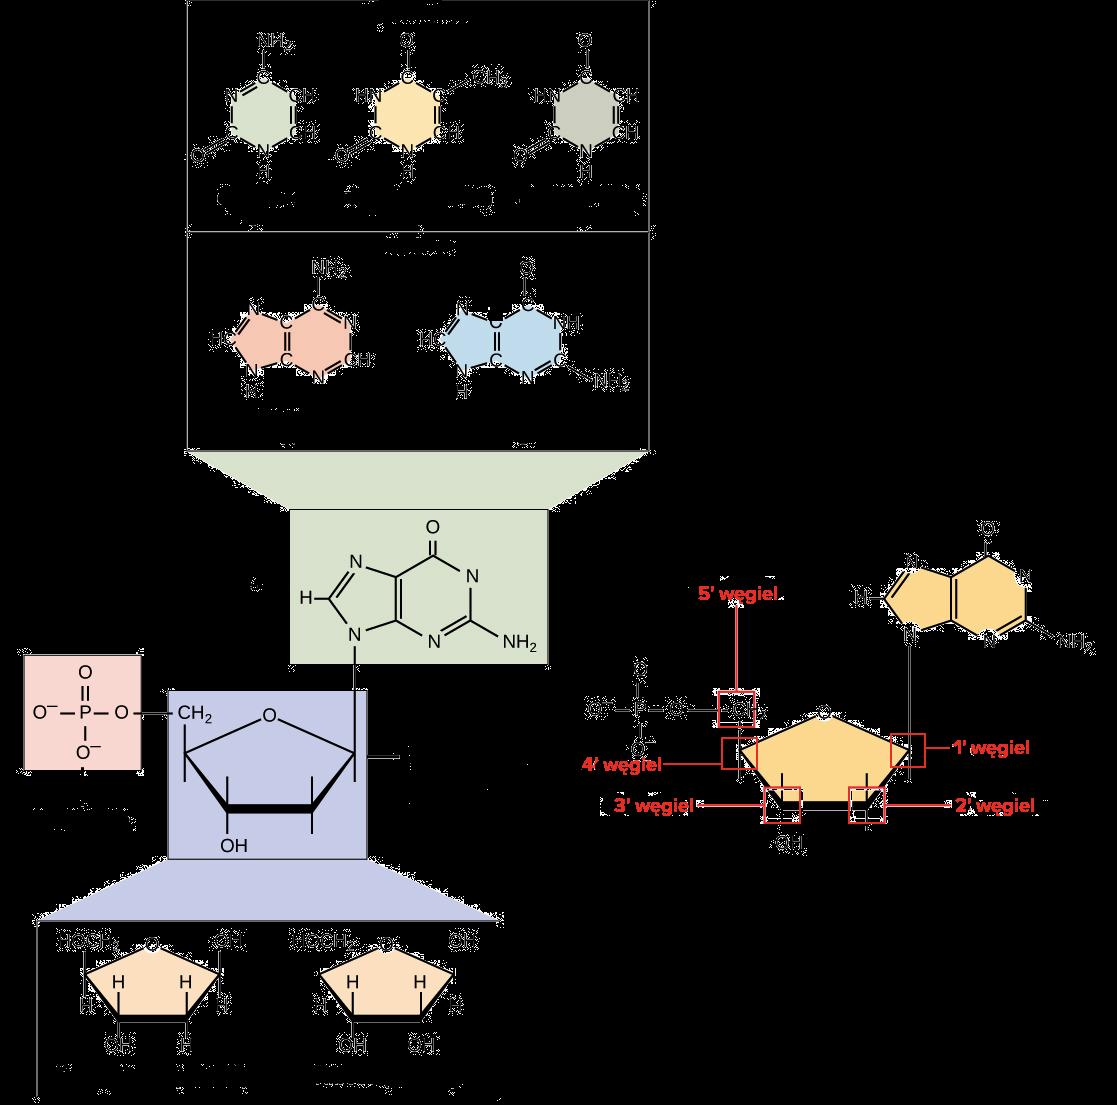 Kwasy Nukleinowe Artykul Khan Academy